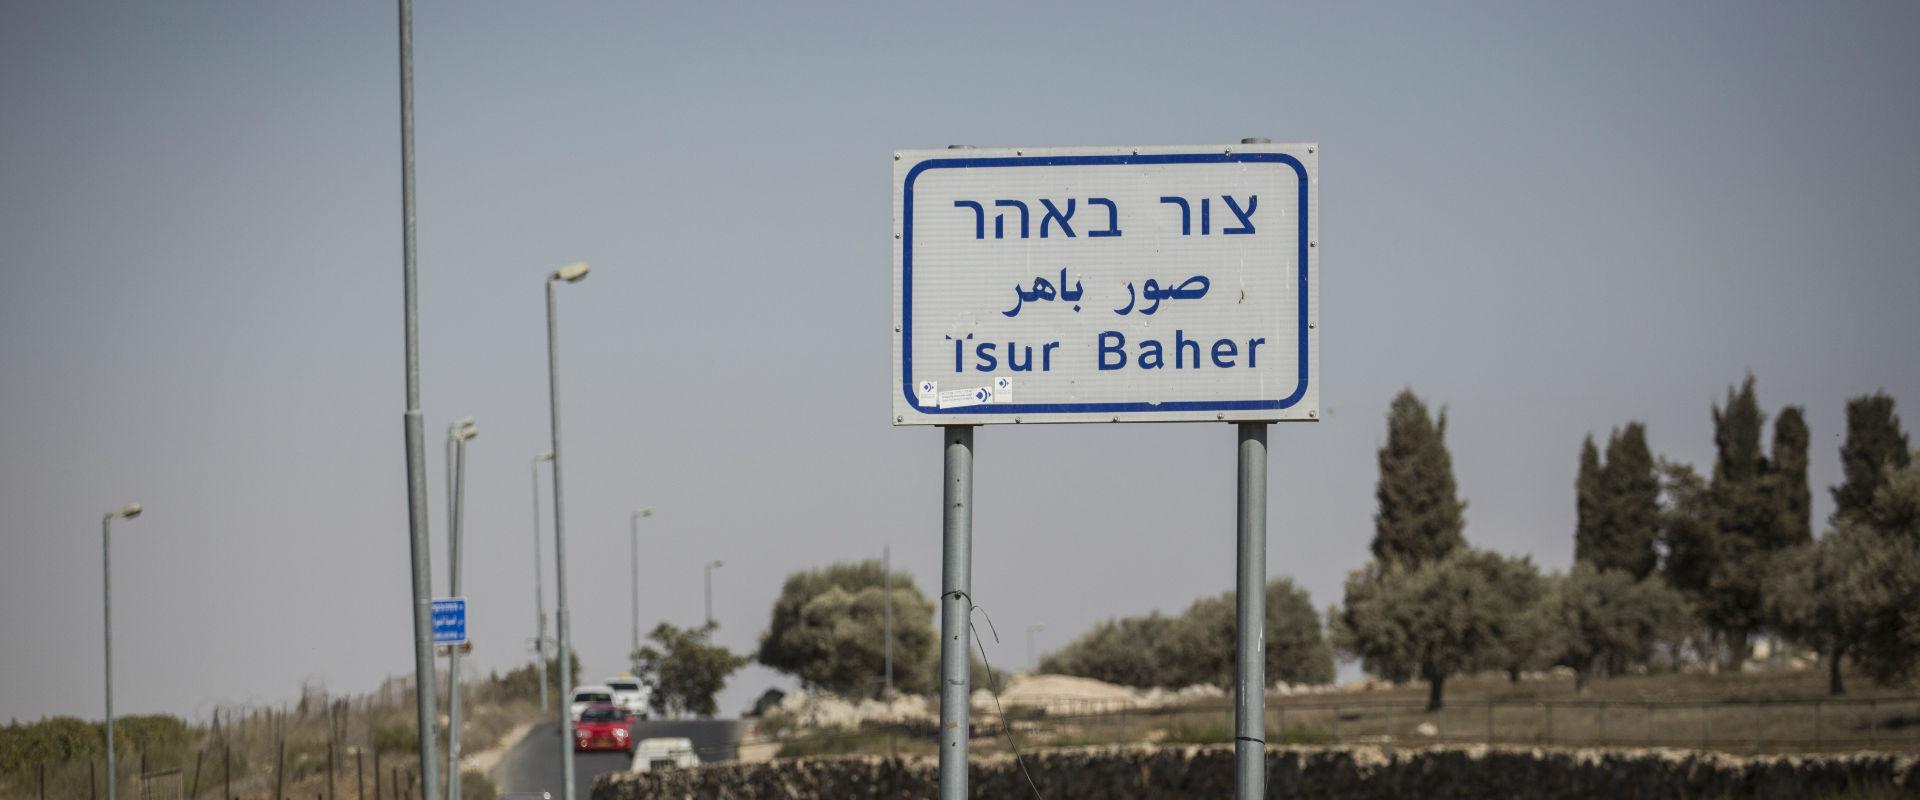 שכונת צור-באהר בירושלים